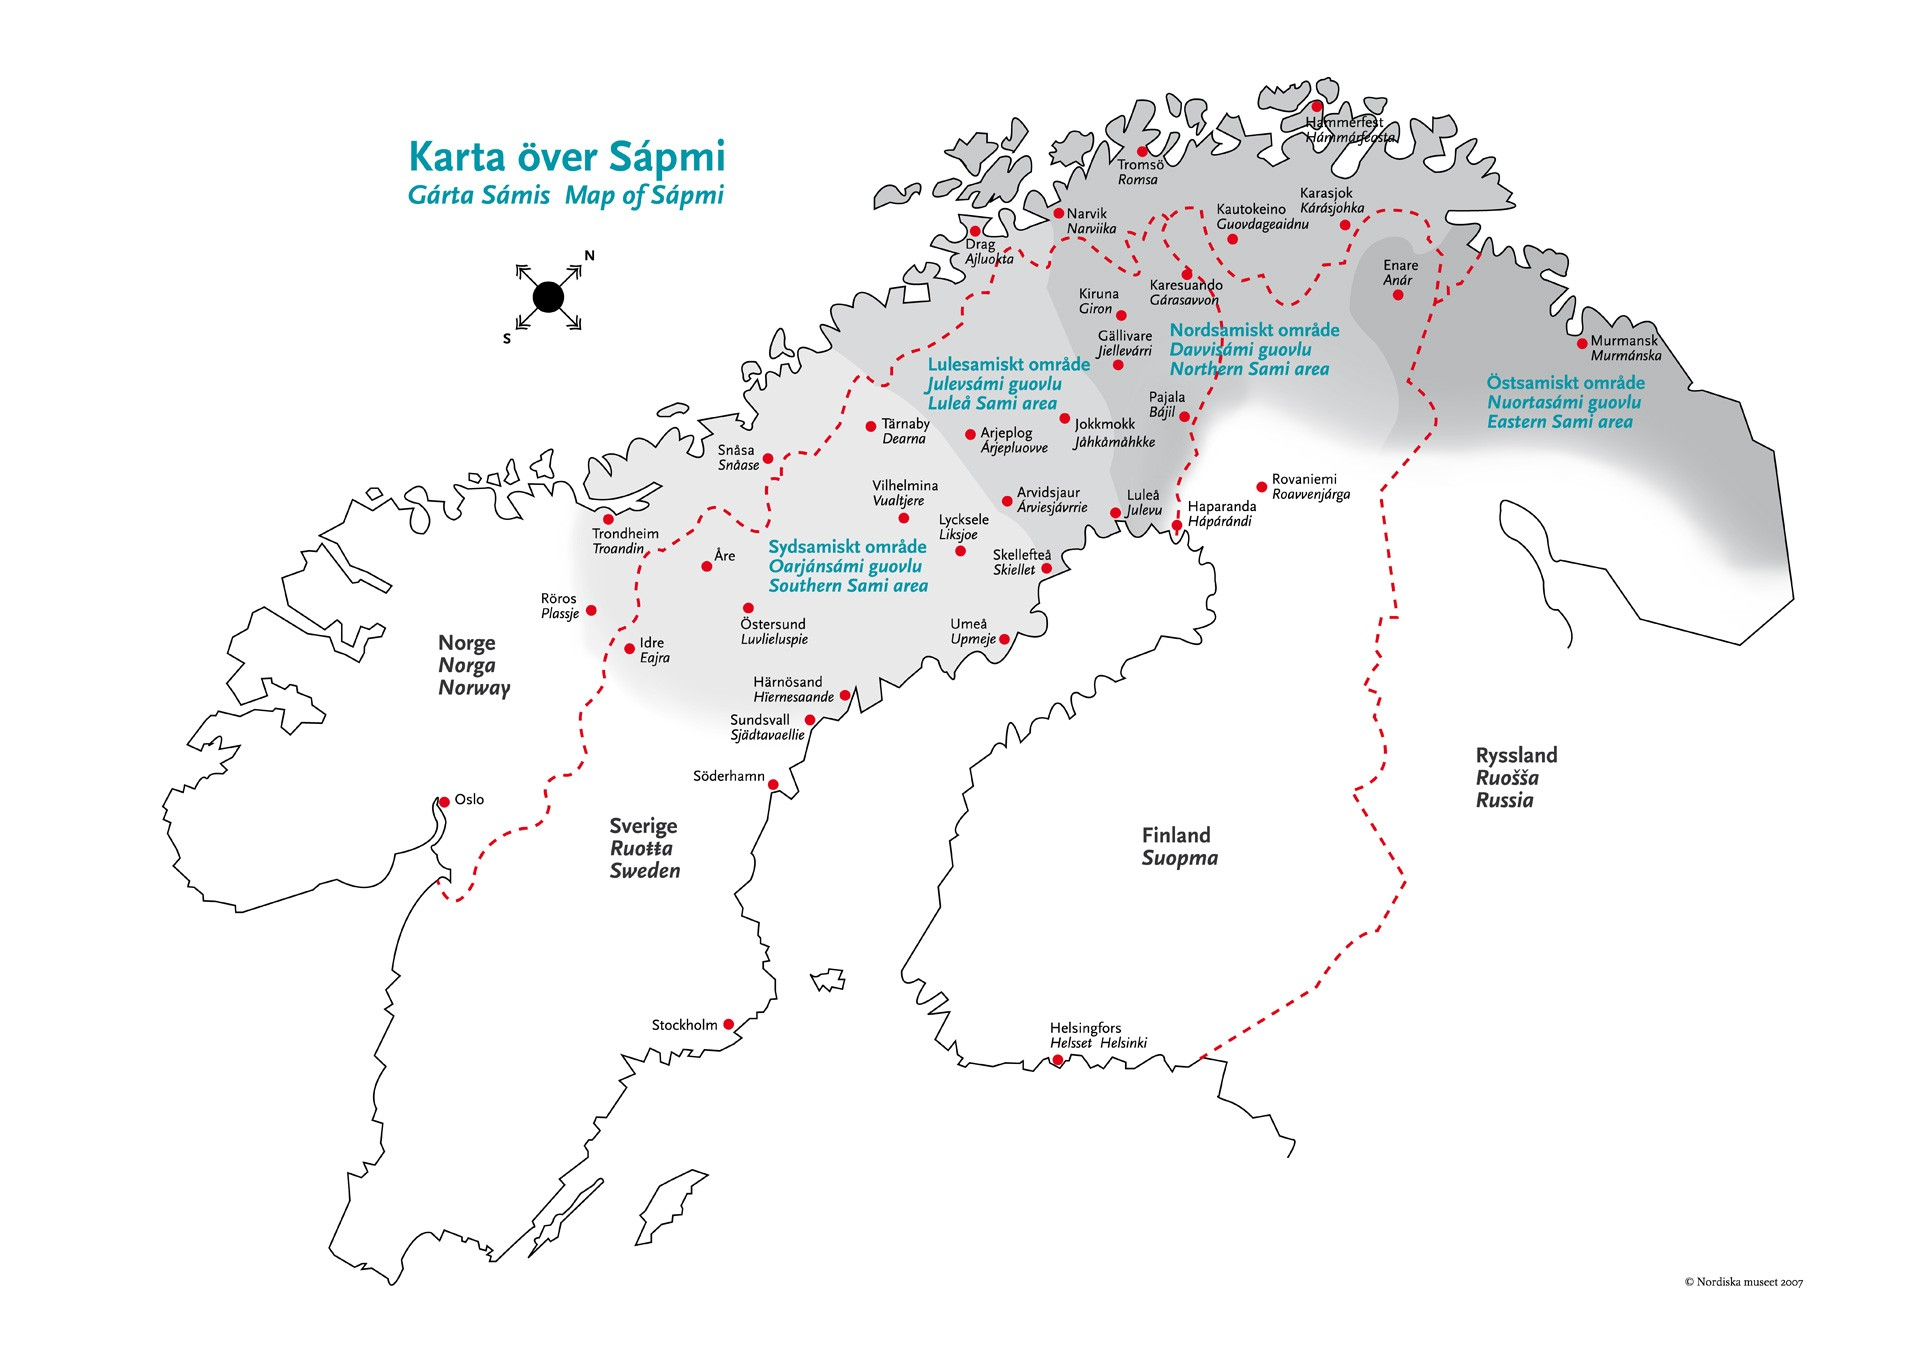 Sápmi, samernas land, fanns innan gränserna för Sverige, Norge, Finland och Ryssland hamnade på kartan. Det gör samerna till ett av världens urfolk. Det gör dem också till ett folk delat i fyra länder.